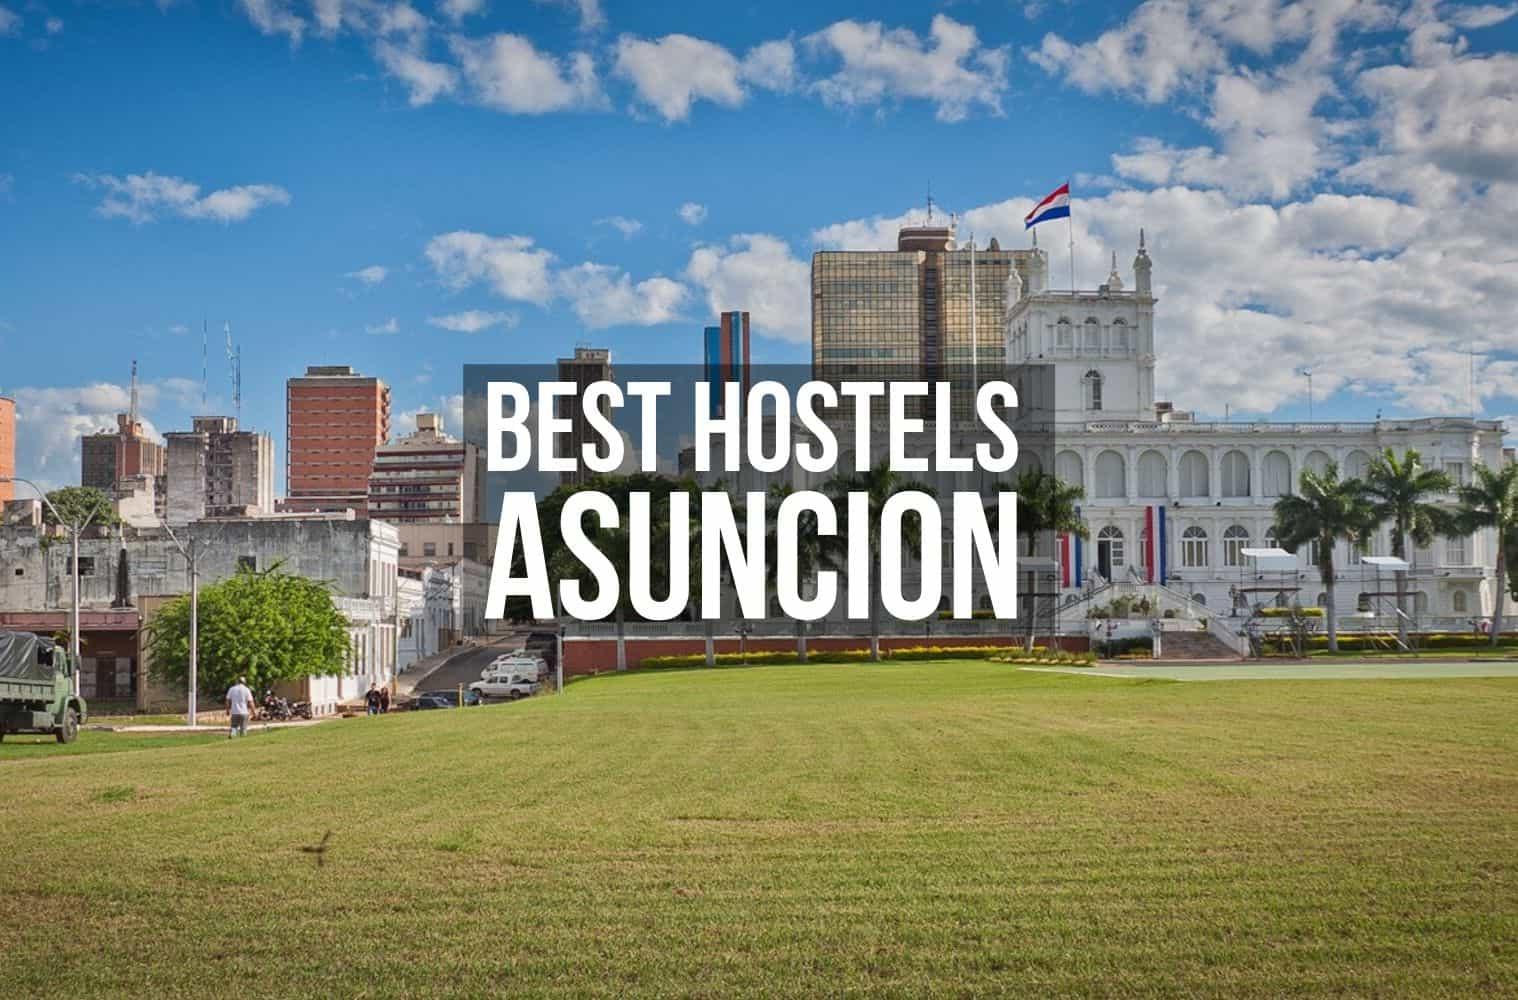 Best Hostels in Asuncion